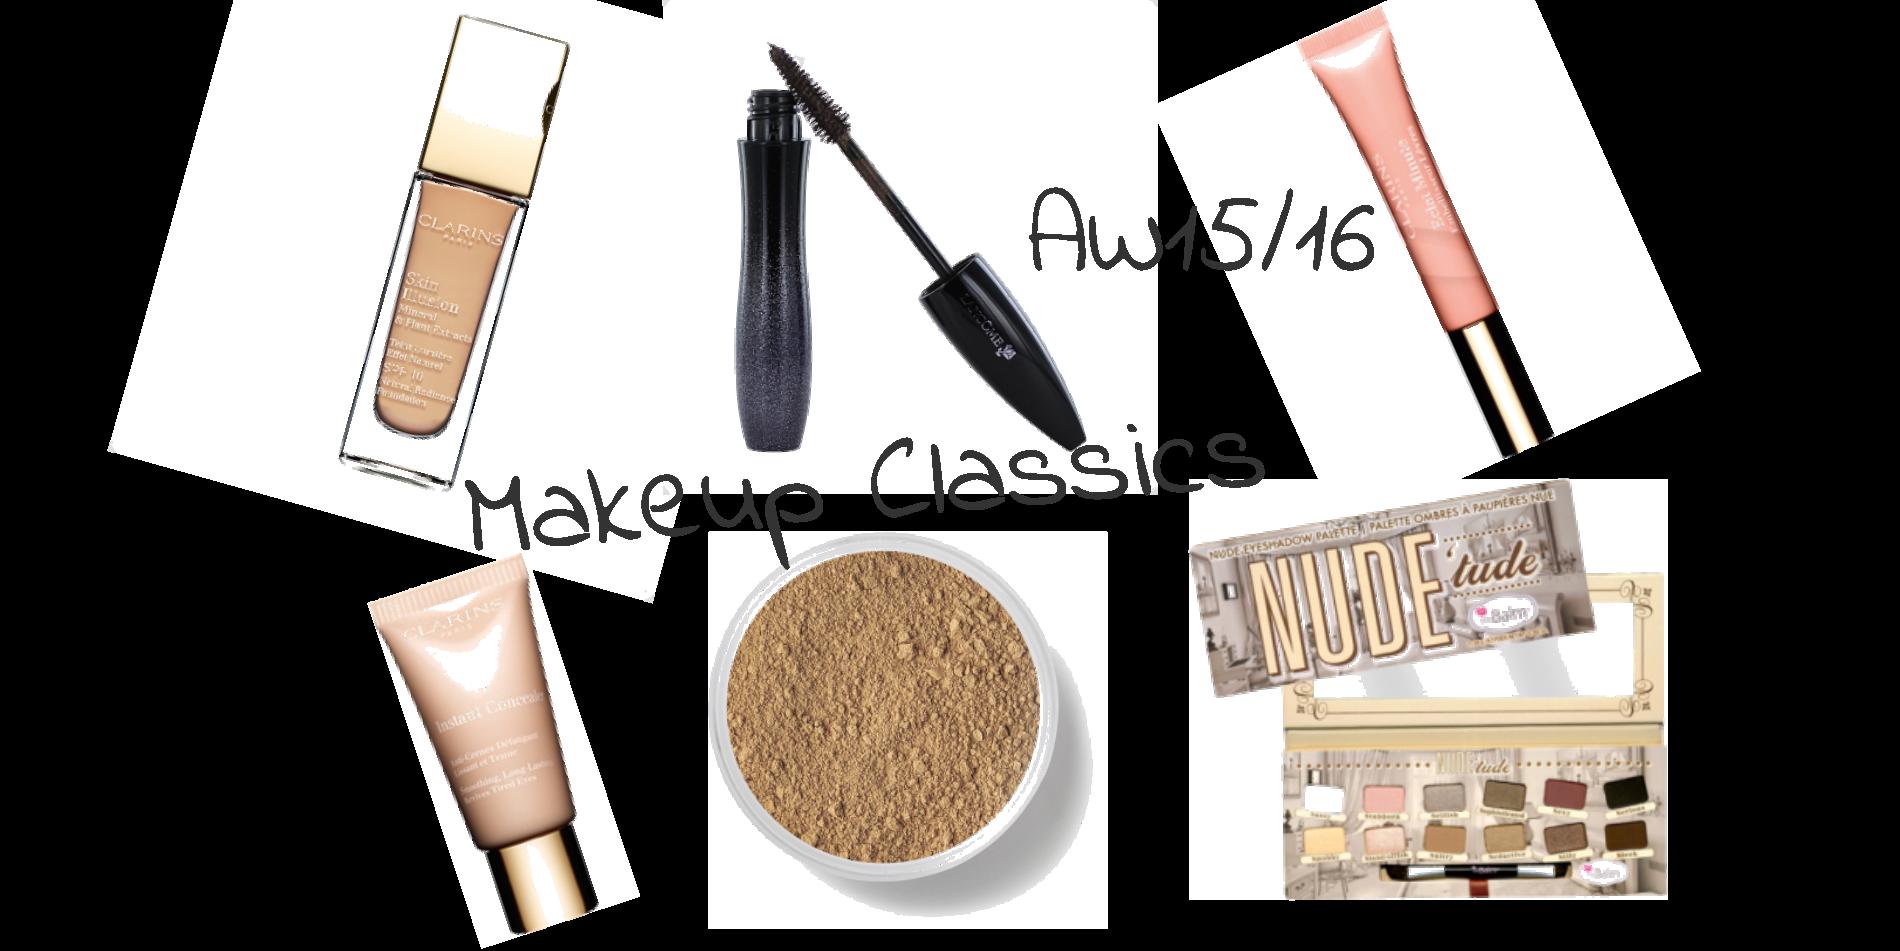 Makeup classics